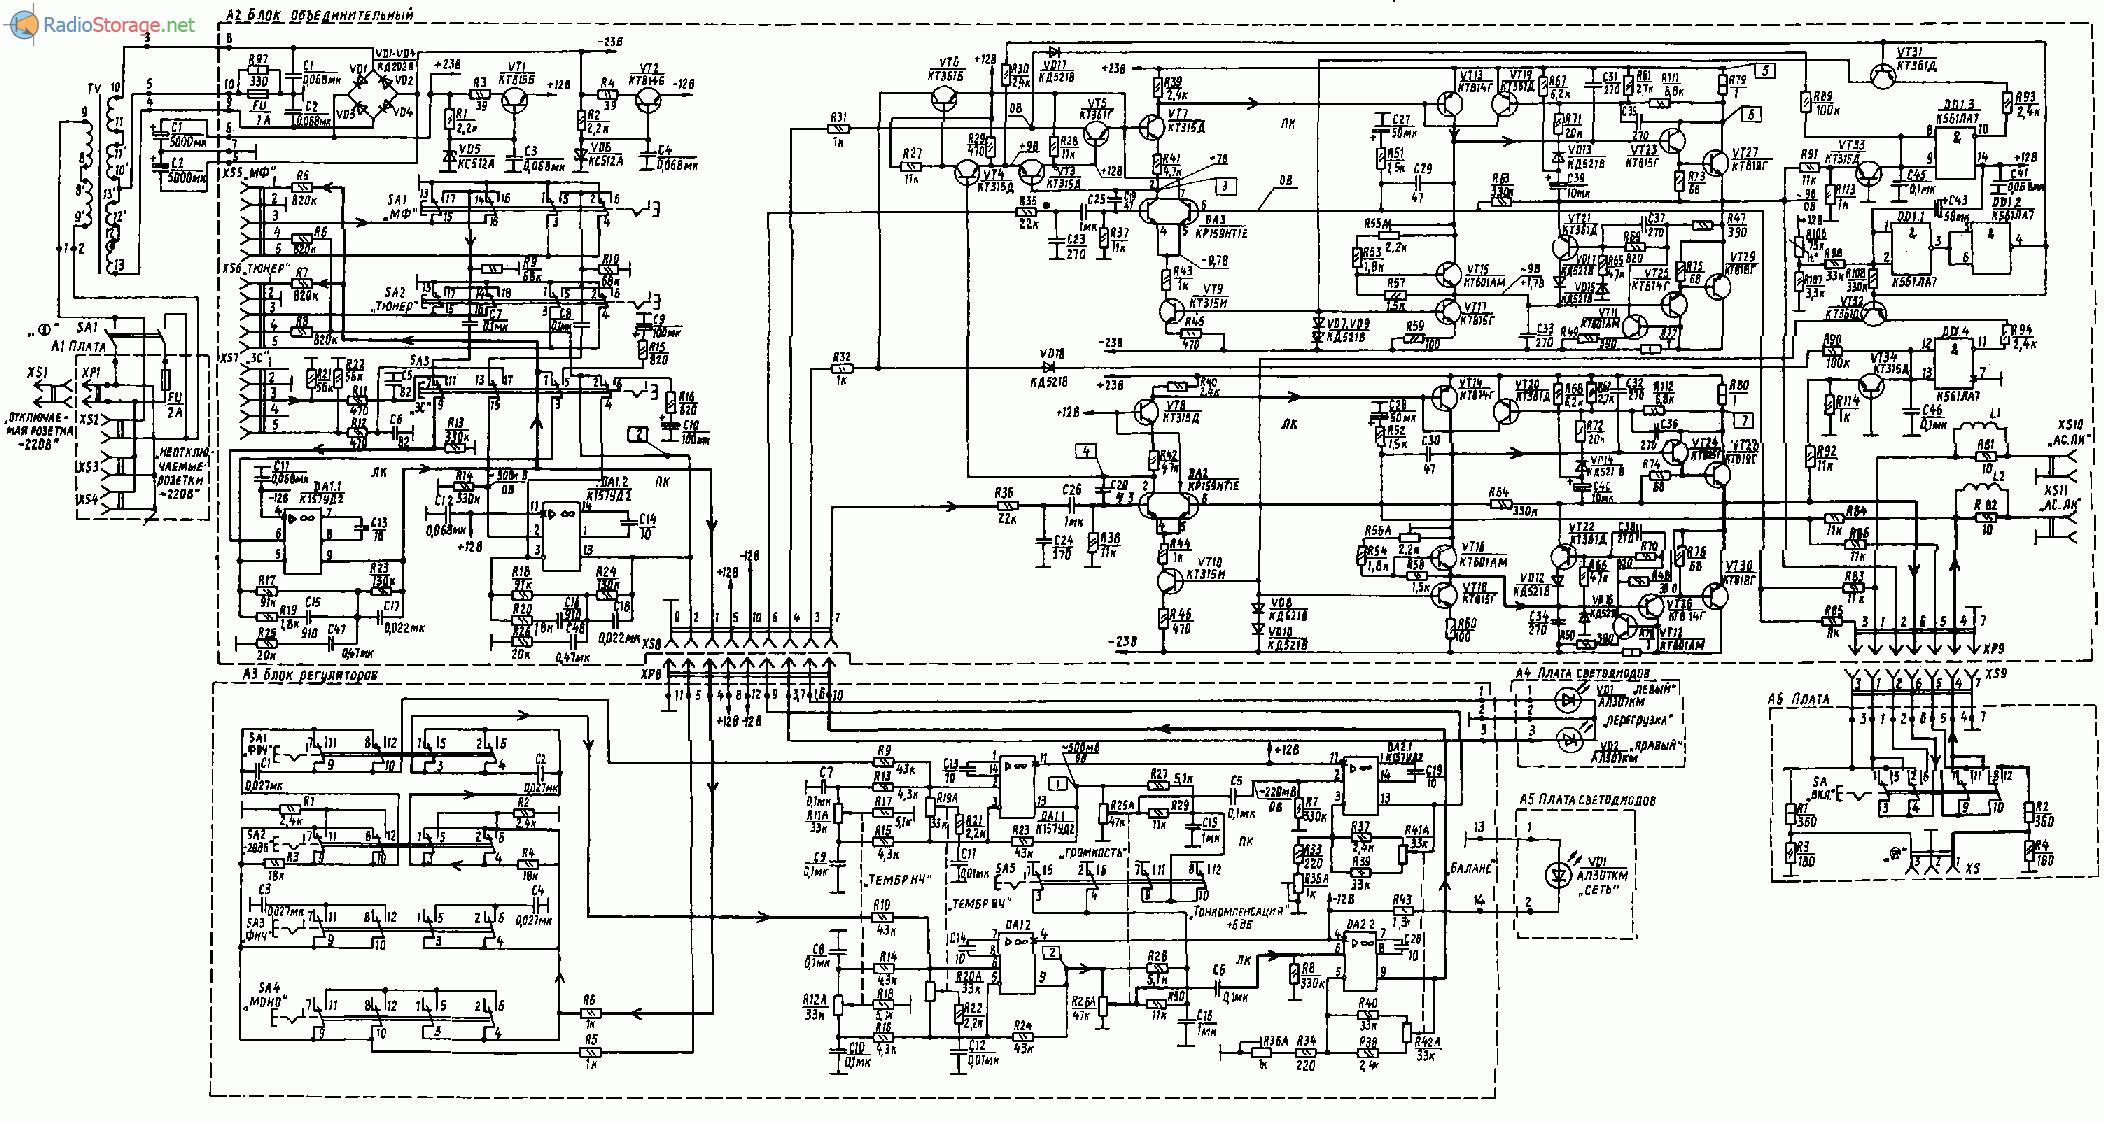 вега 323 стерео схема усилителя дора